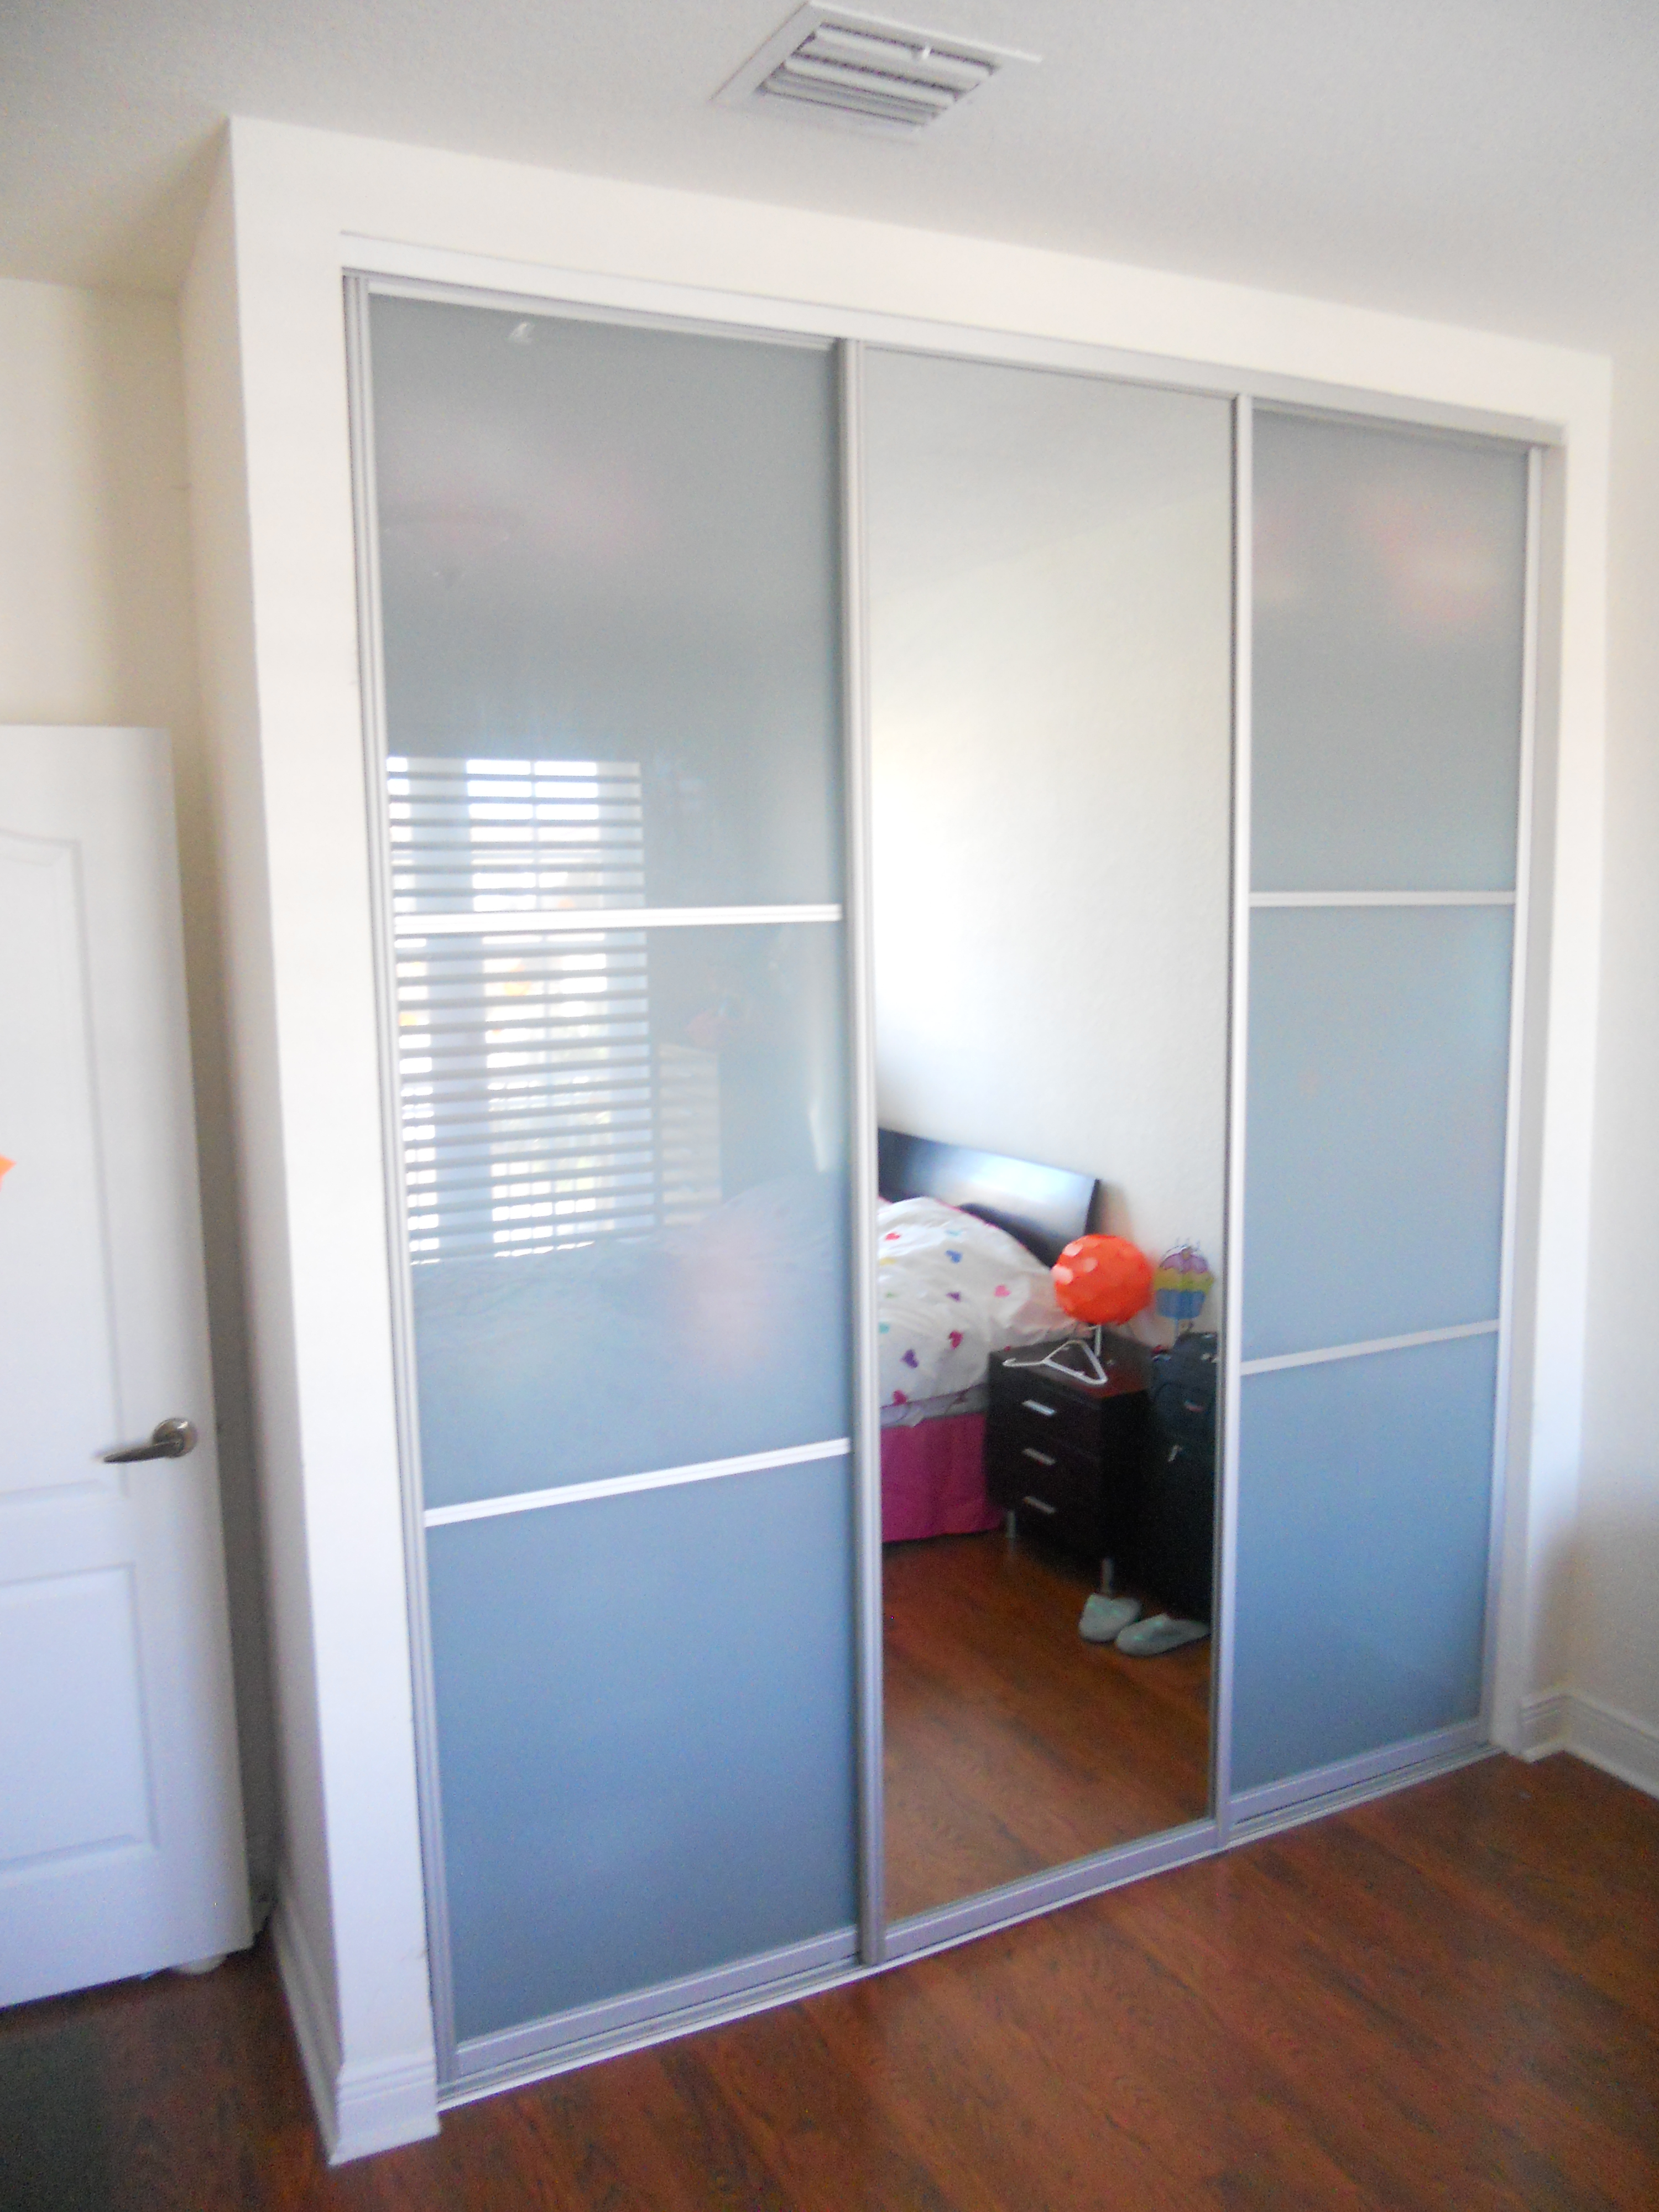 22.SIMPHOME.COM modern closet doors sliding kristian zwart home